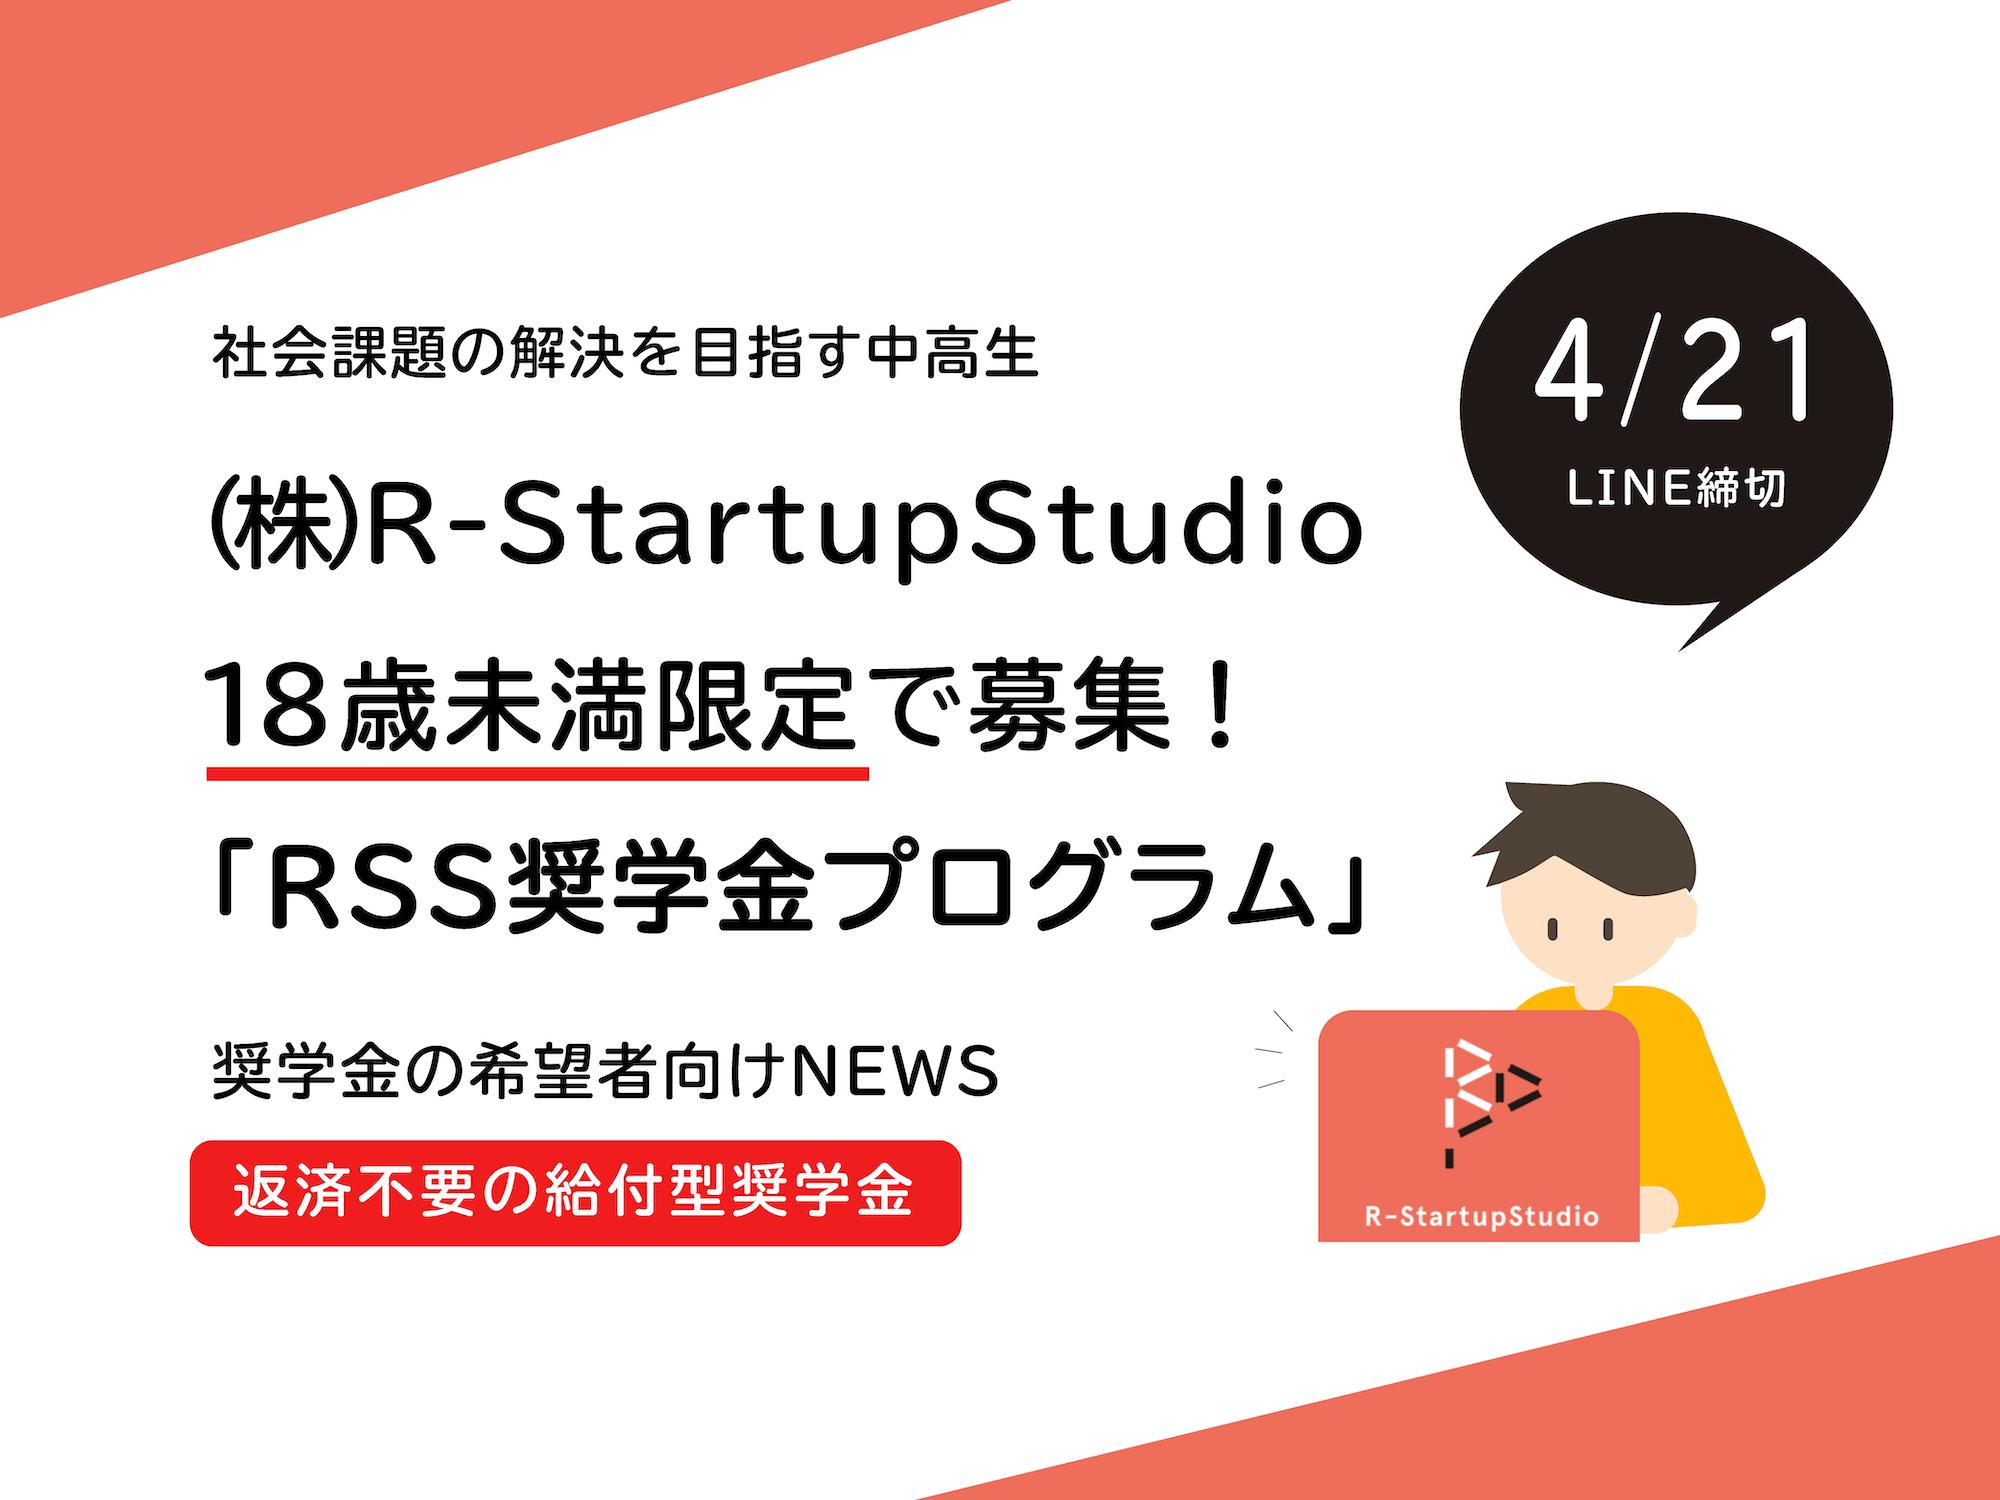 【社会課題の解決を目指す中高生】株式会社R-StartupStudio、18歳未満限定で募集!「RSS奨学金プログラム」